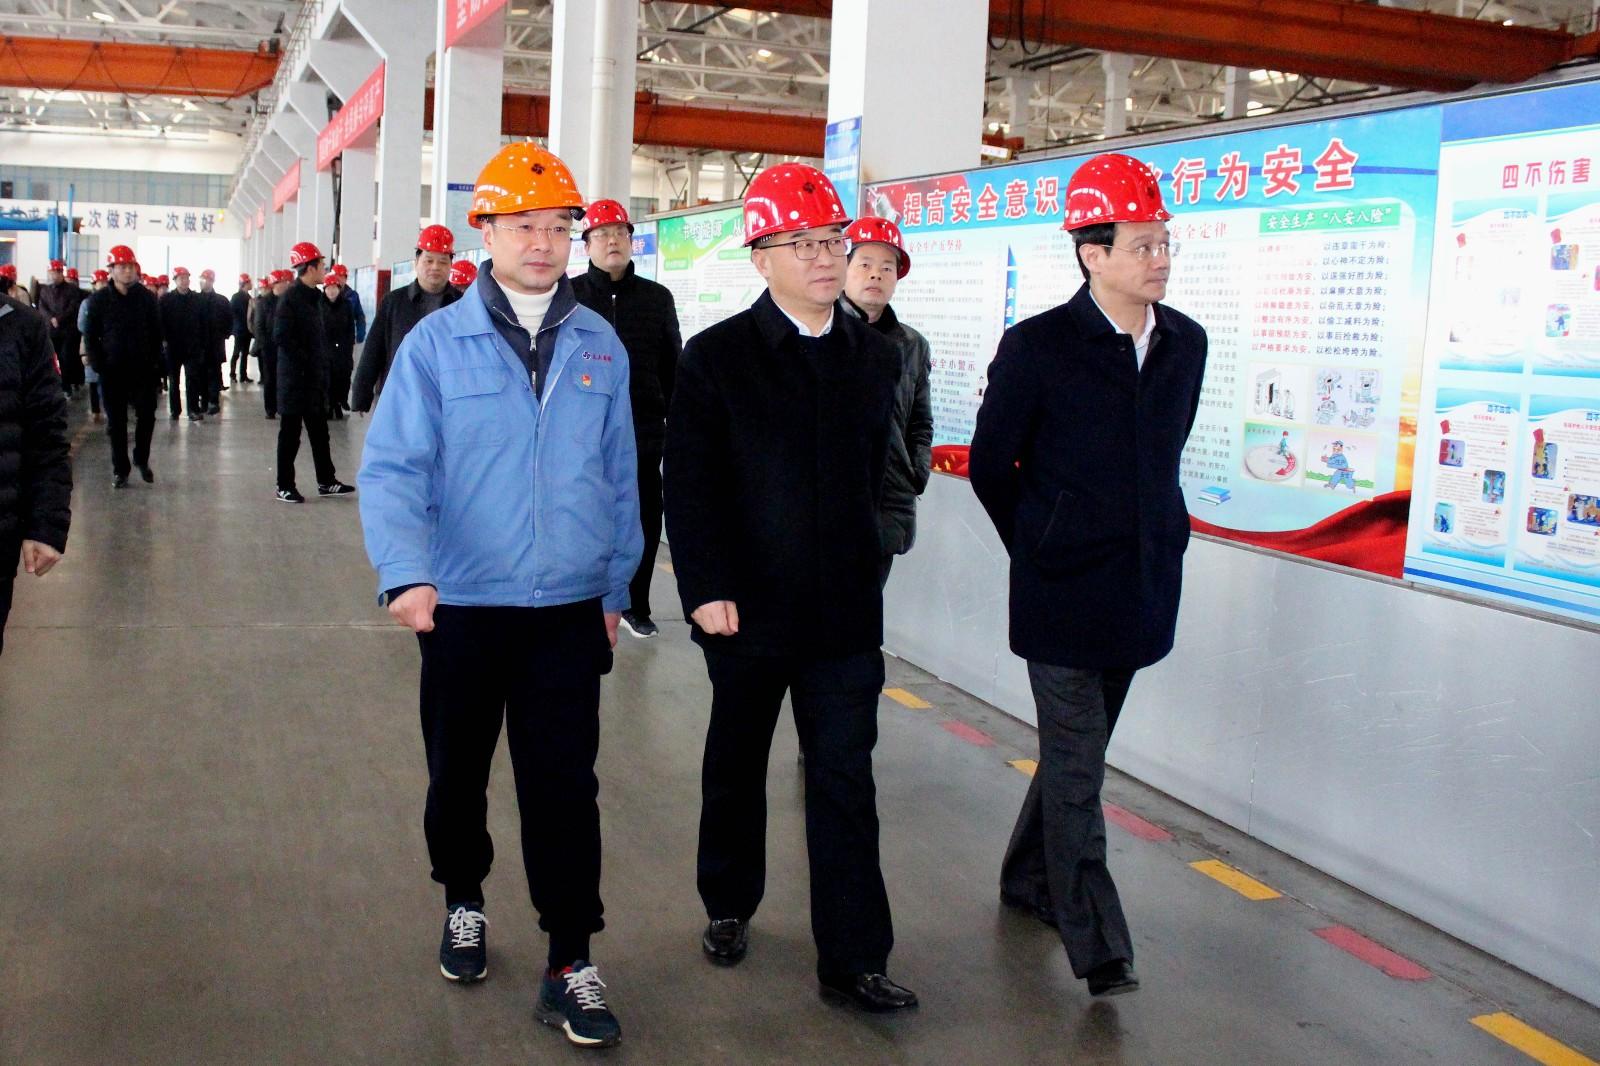 2019年1月16日,郎溪县党政代表团一行来上上亚博yabo210参观交流